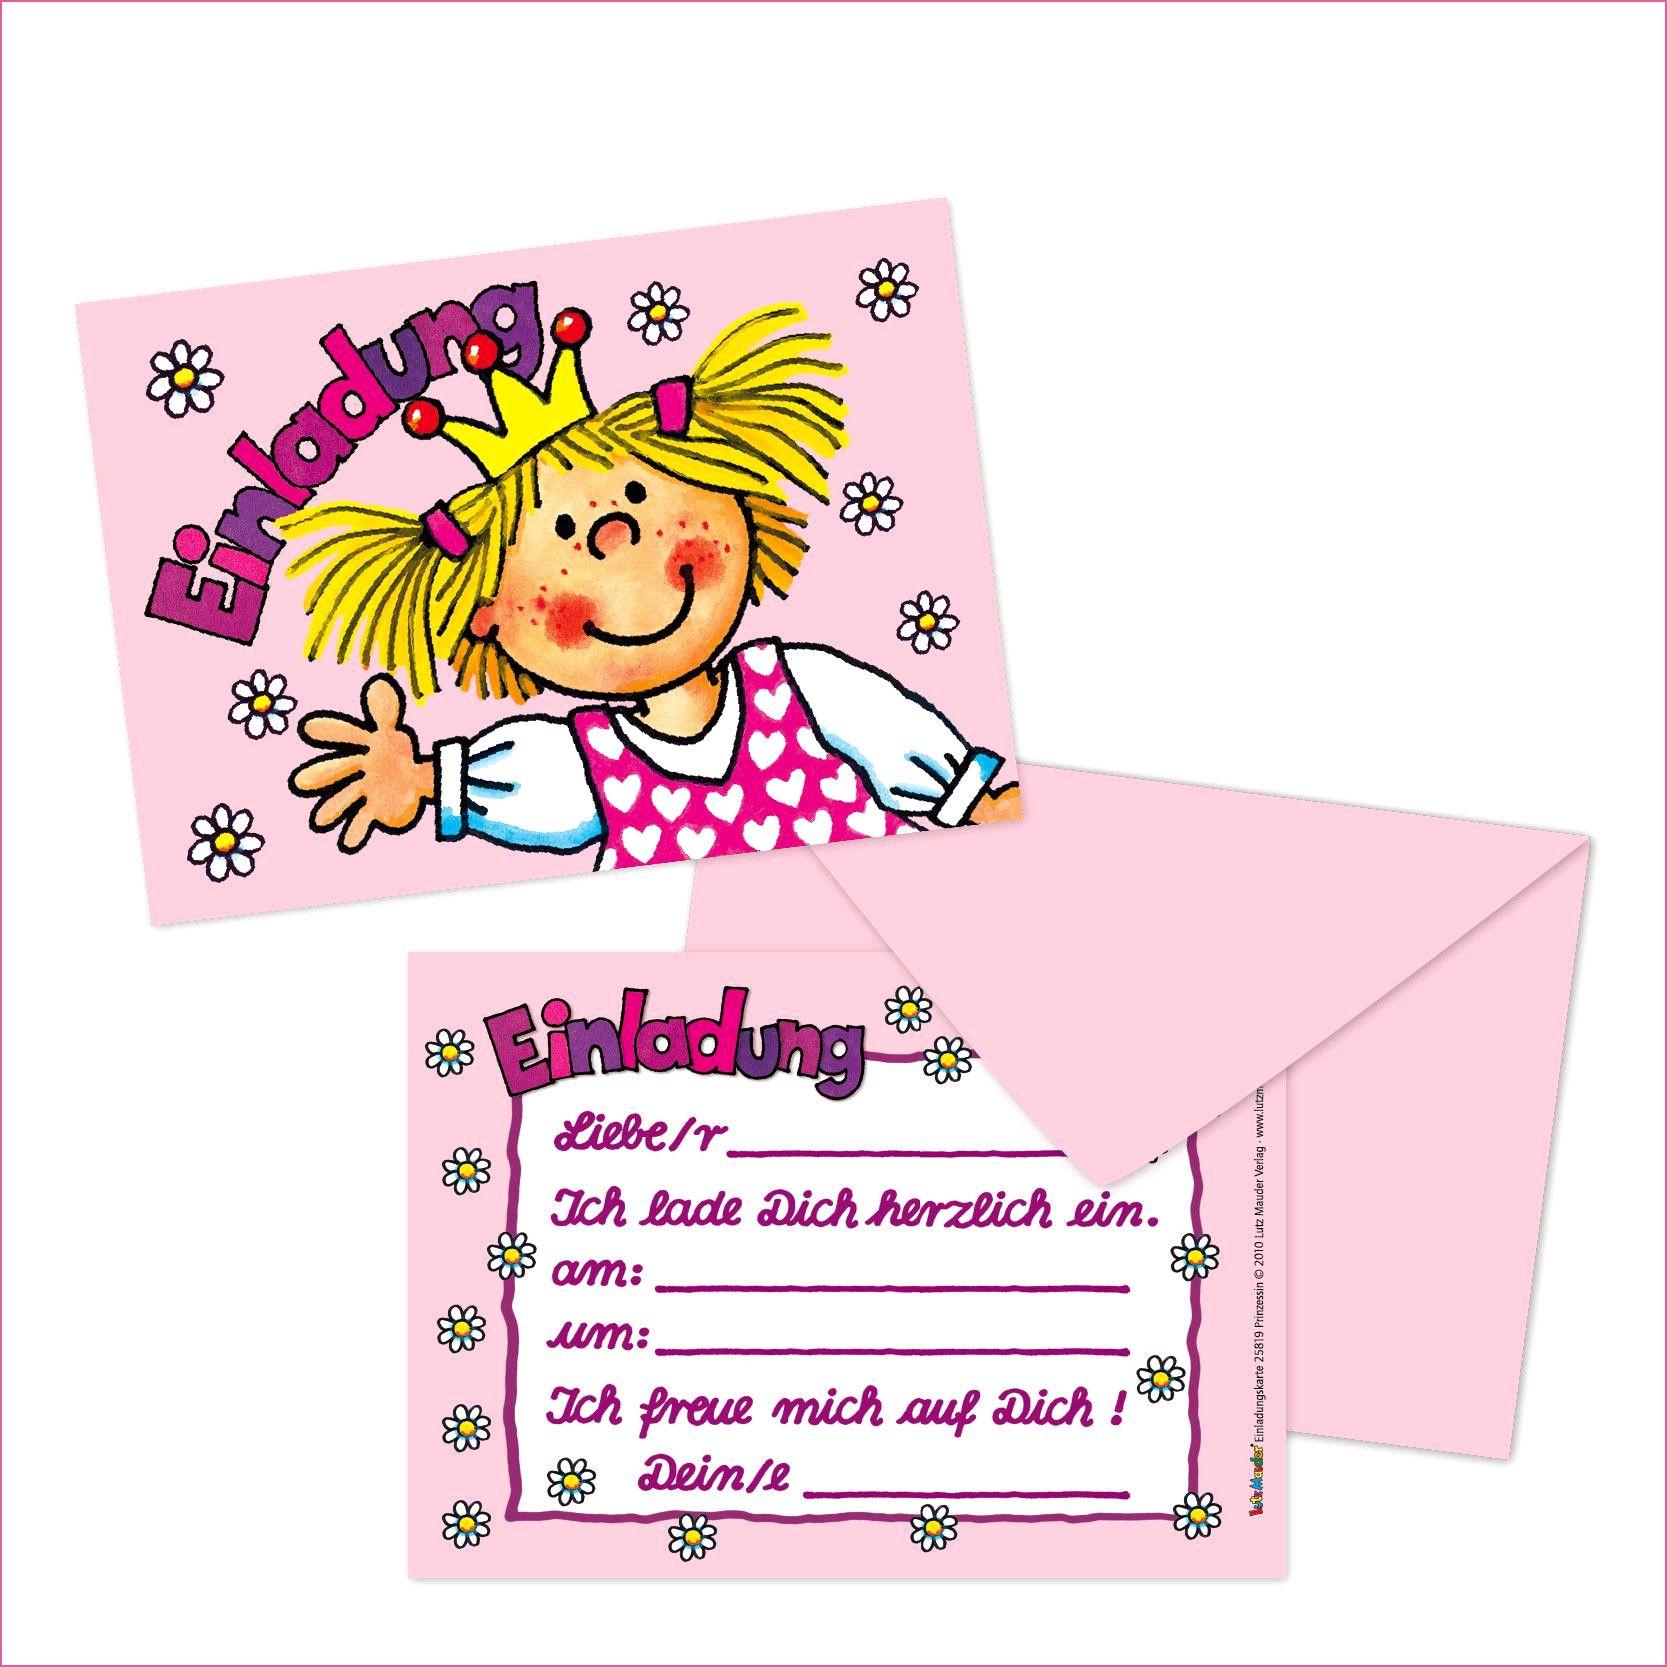 Einladungsspruche Zum Geburtstag Einladungskarten